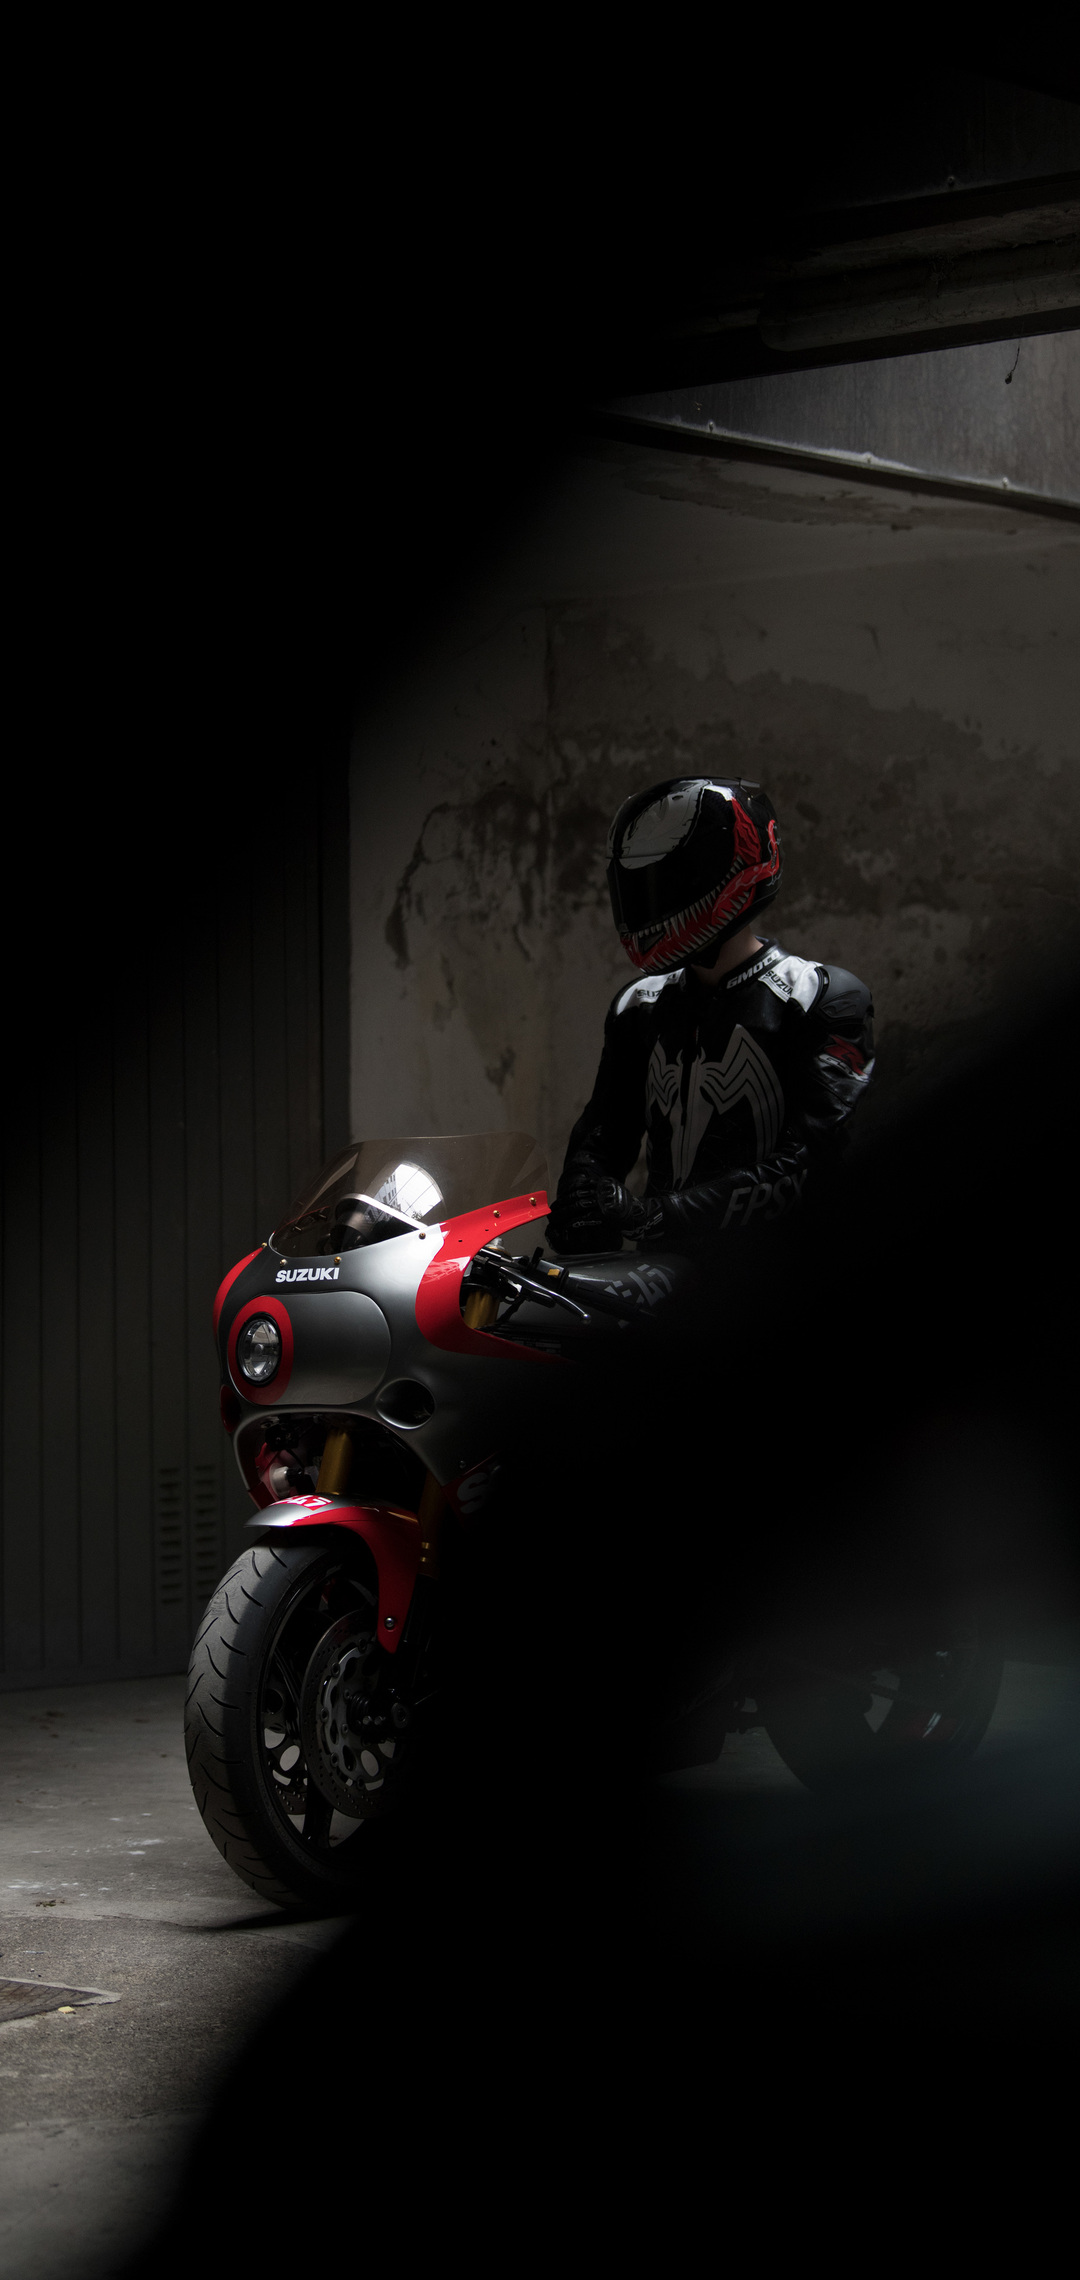 suzuki-gsx-r-1100-venom-helmet-95.jpg